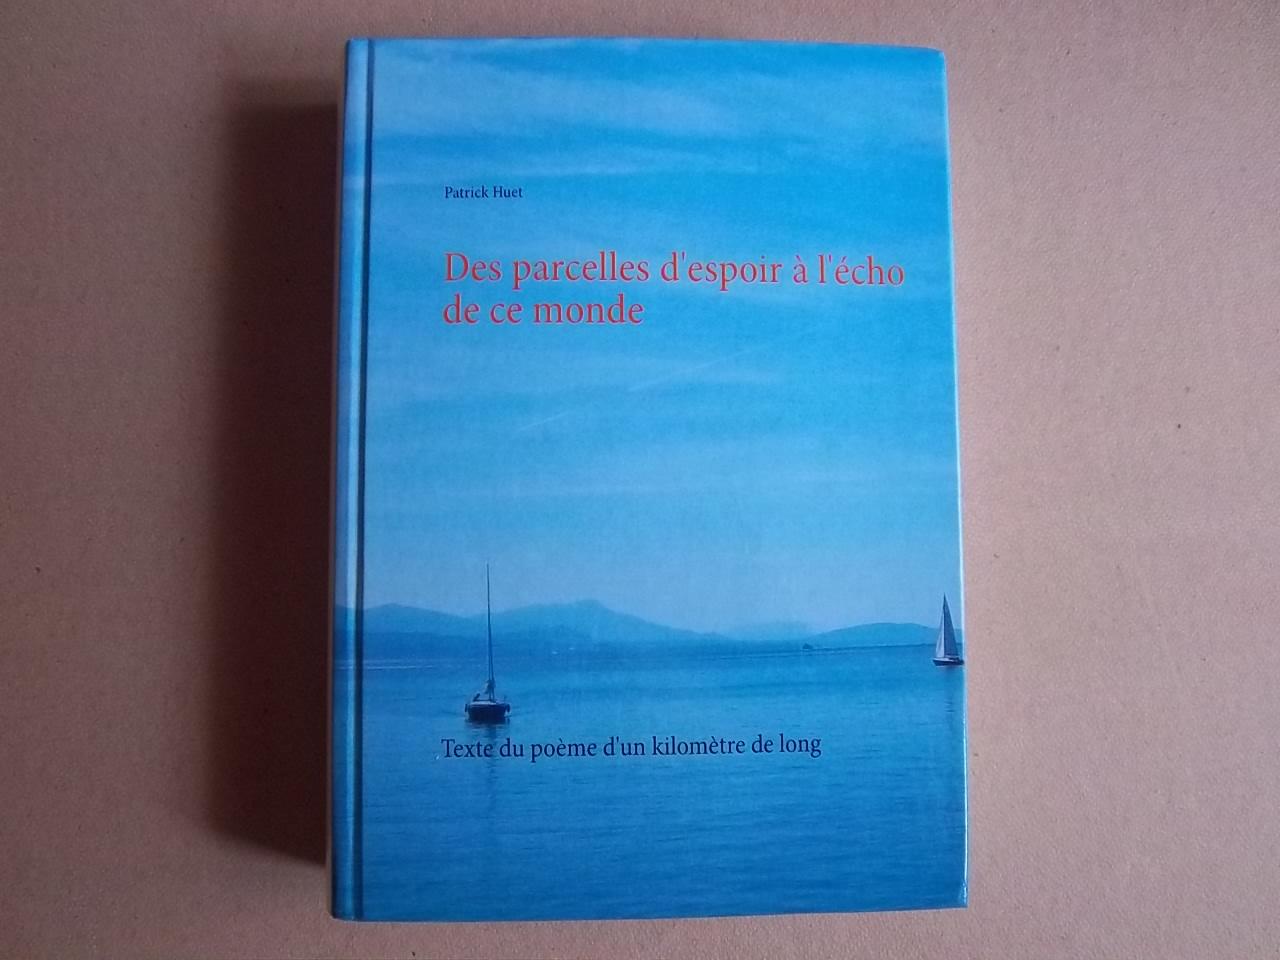 livre du Poème géant d'1km de long vu de face